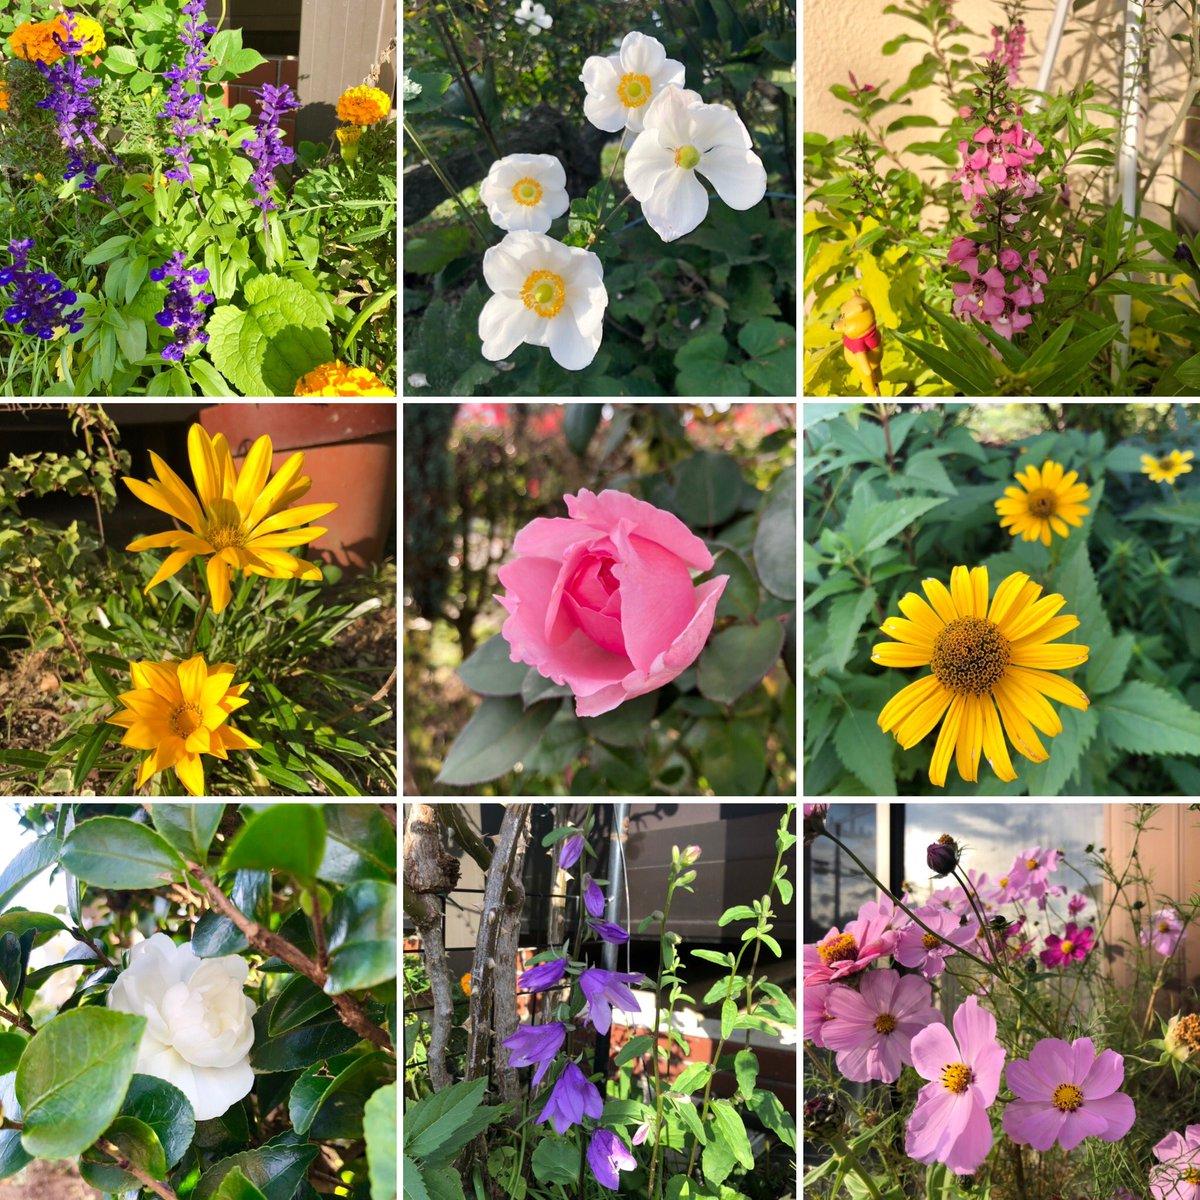 姉宅の庭の花達🌼🌸🌿🍀 #はな #花 #癒し https://t.co/LiMjldUPIz